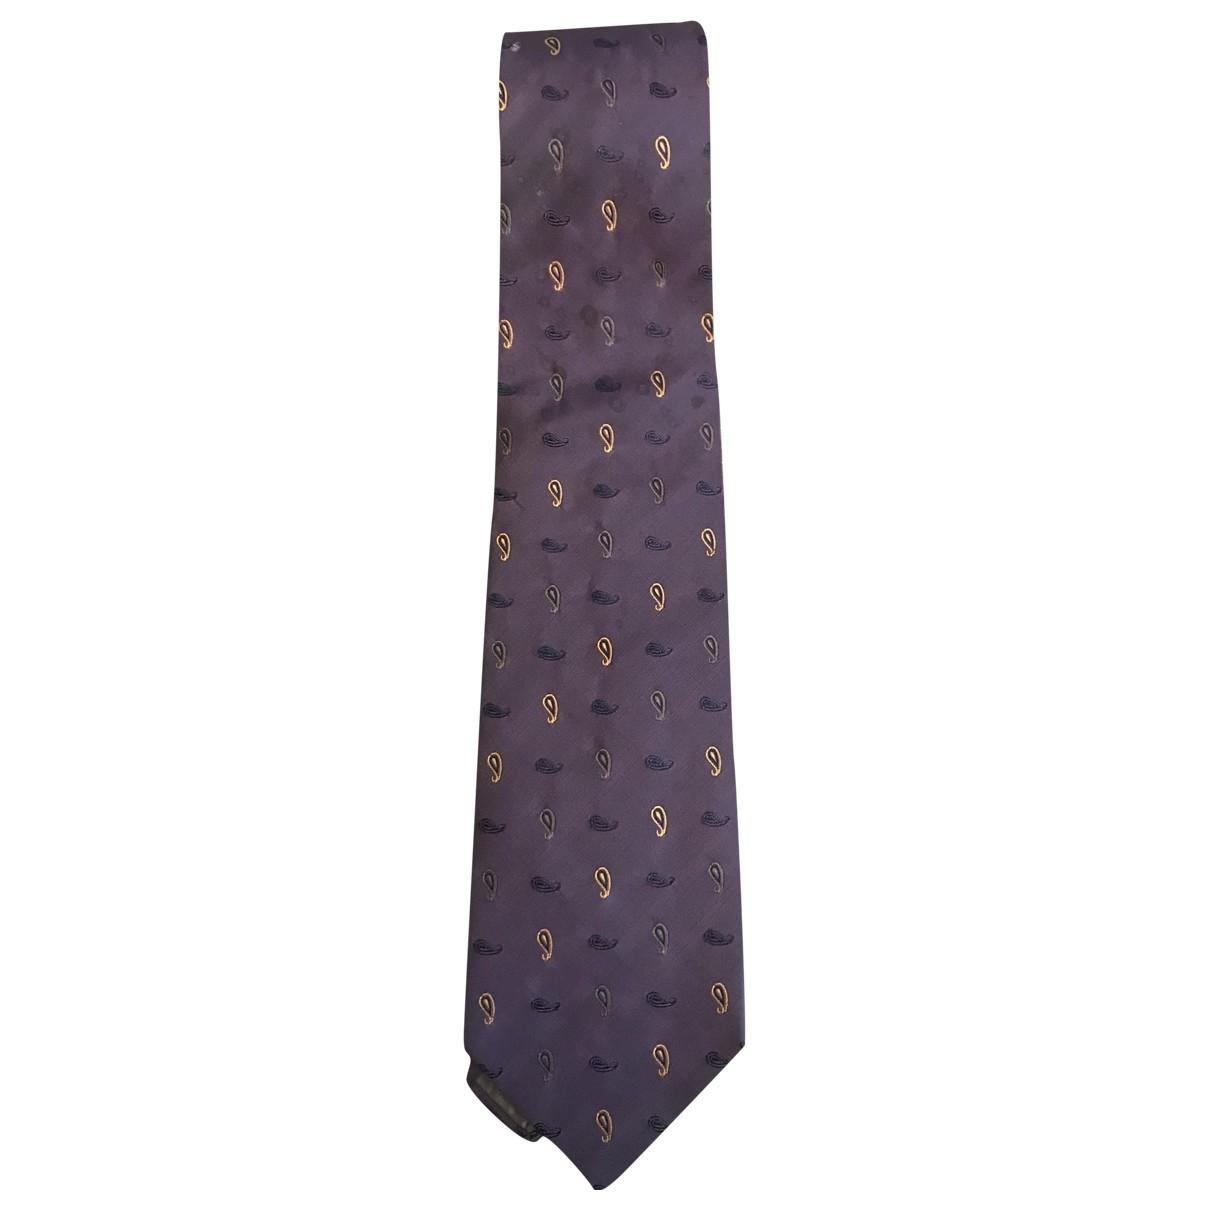 Jm Weston - Cravates   pour homme en soie - violet